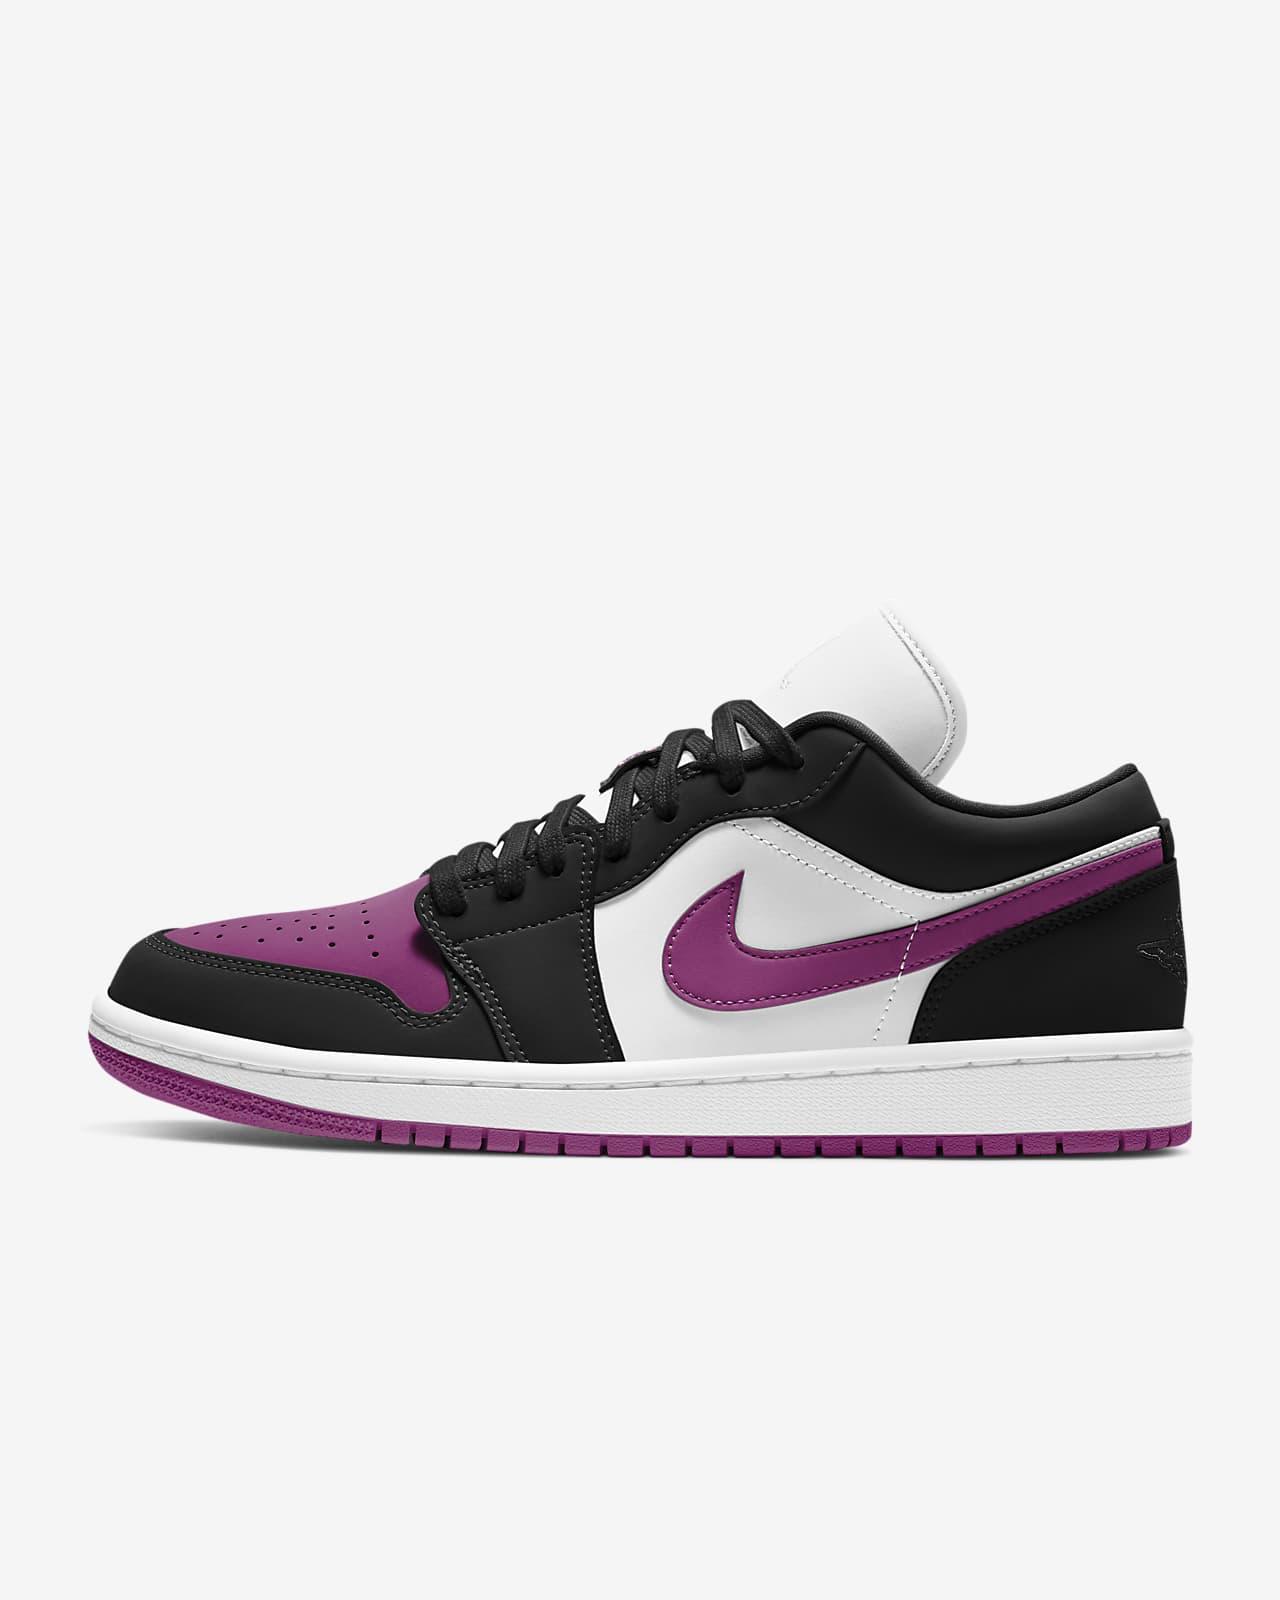 Air Jordan 1 Low 女子运动鞋